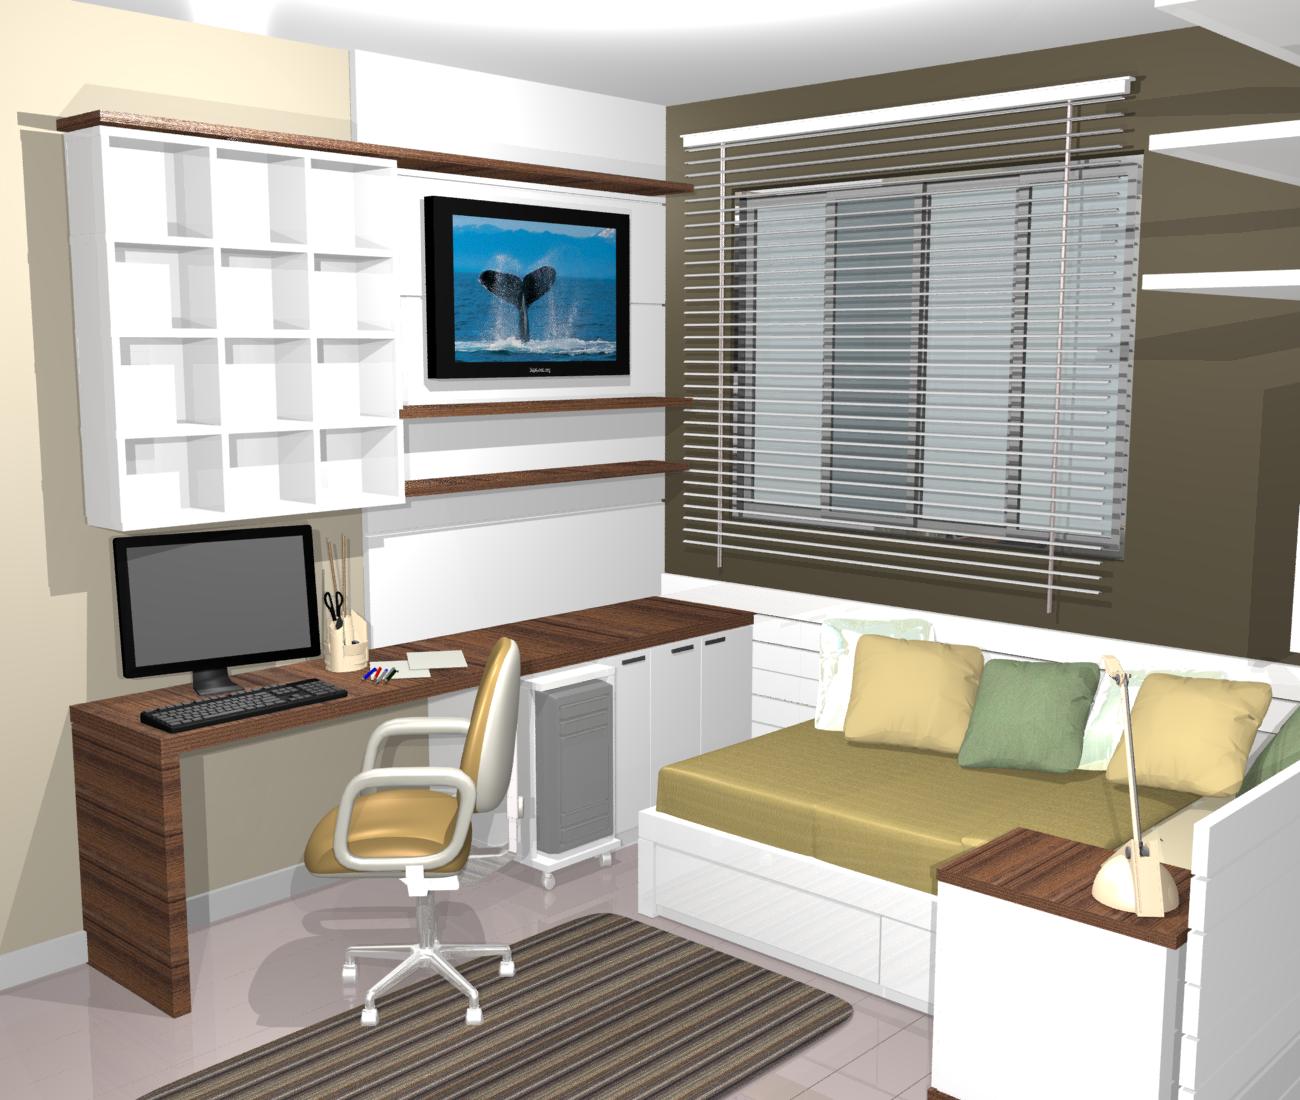 para móveis para cozinha escritório baratos para banheiro para #1684B5 1300 1100